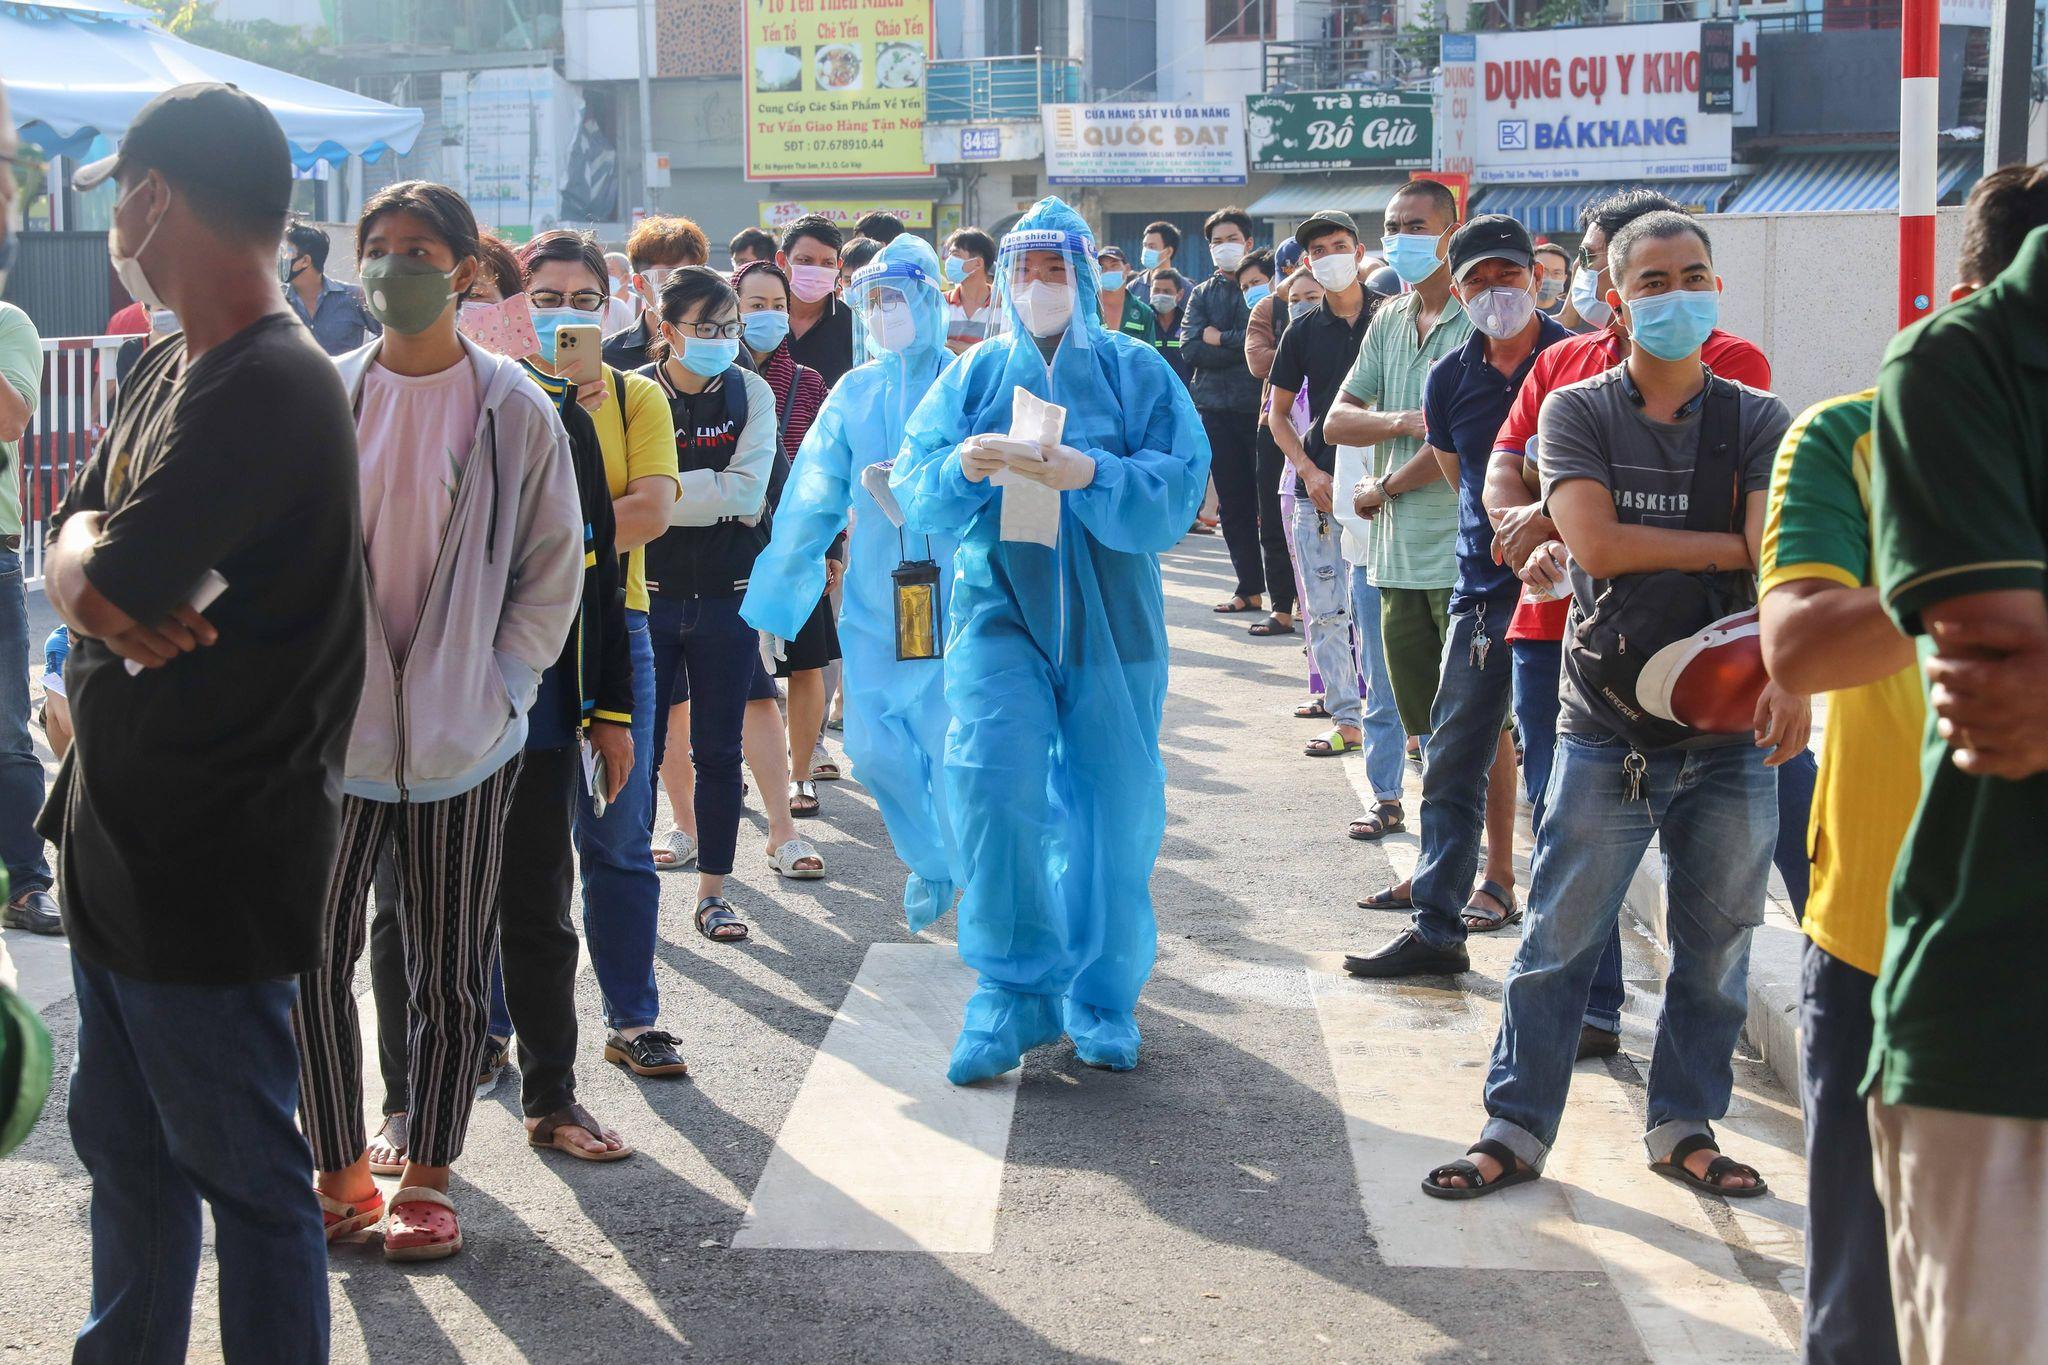 Người dân TP HCM xếp hàng chờ xét nghiệm Covid-19 tại bệnh viện Quân y 175 (quận Gò Vấp), ngày 6/7. Ảnh:Quỳnh Trần.